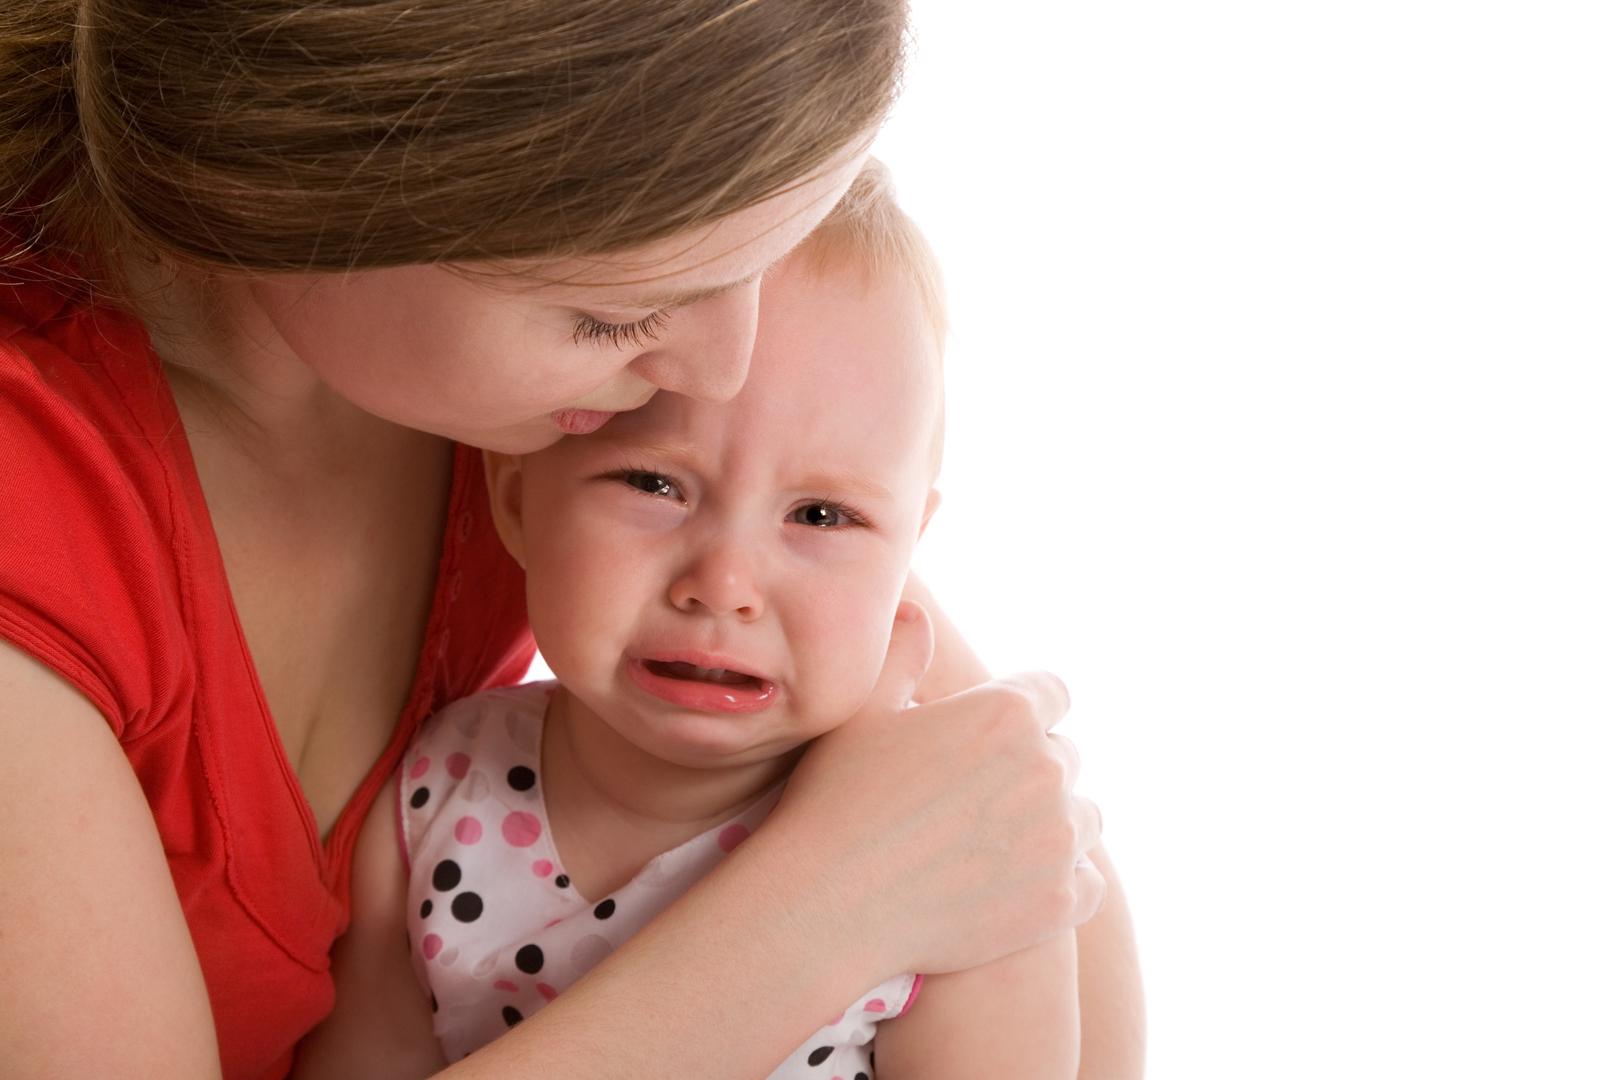 Беременность мальчиком и девочкой: отличия, проверенные признаки живота